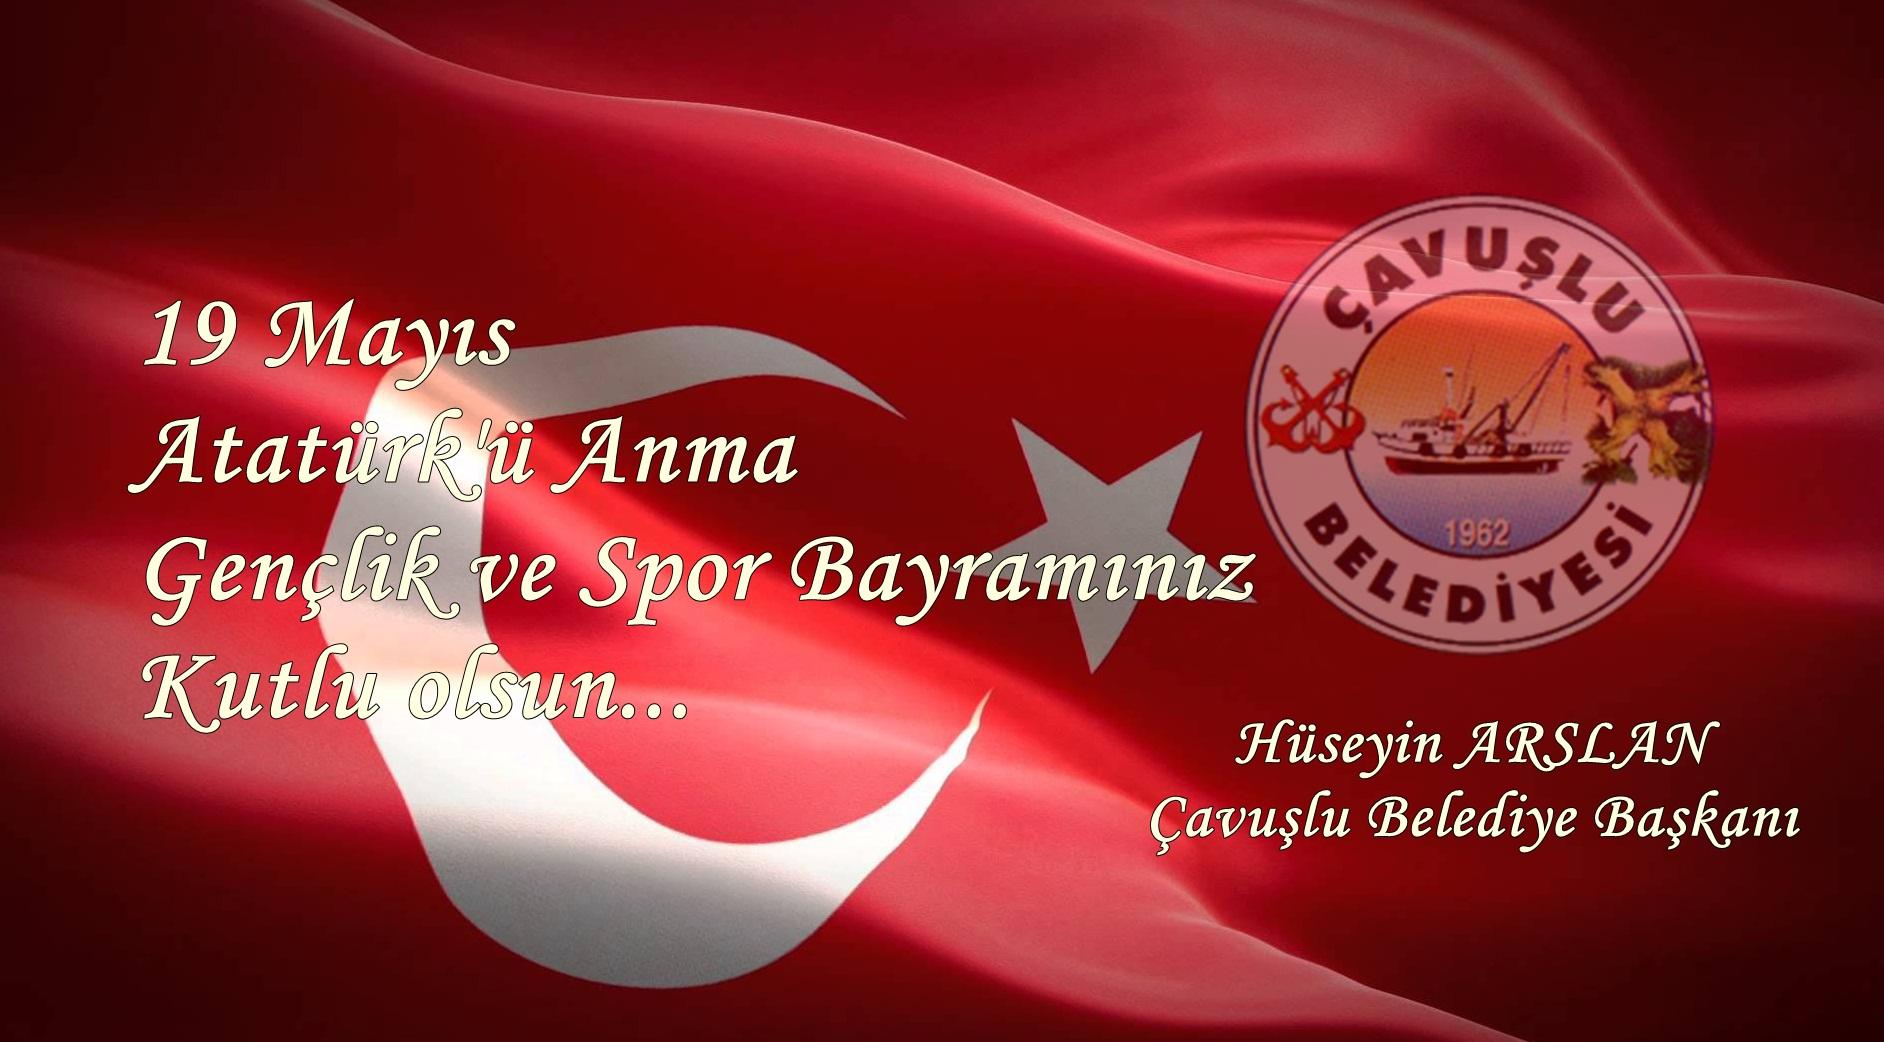 turk_bayragi_19_mayis_1_1